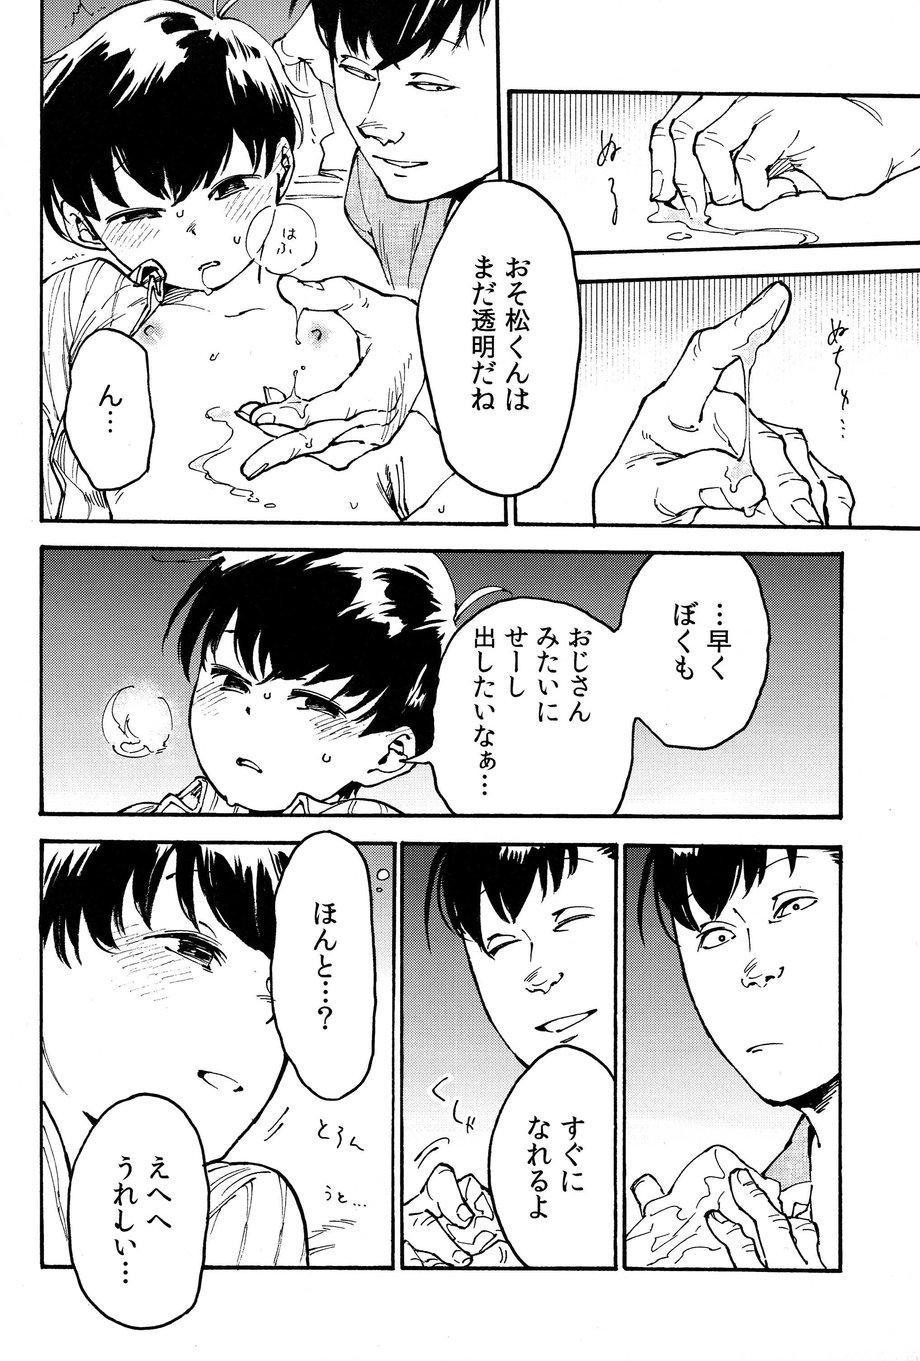 Hakkaku mae / Hakkaku Go 12